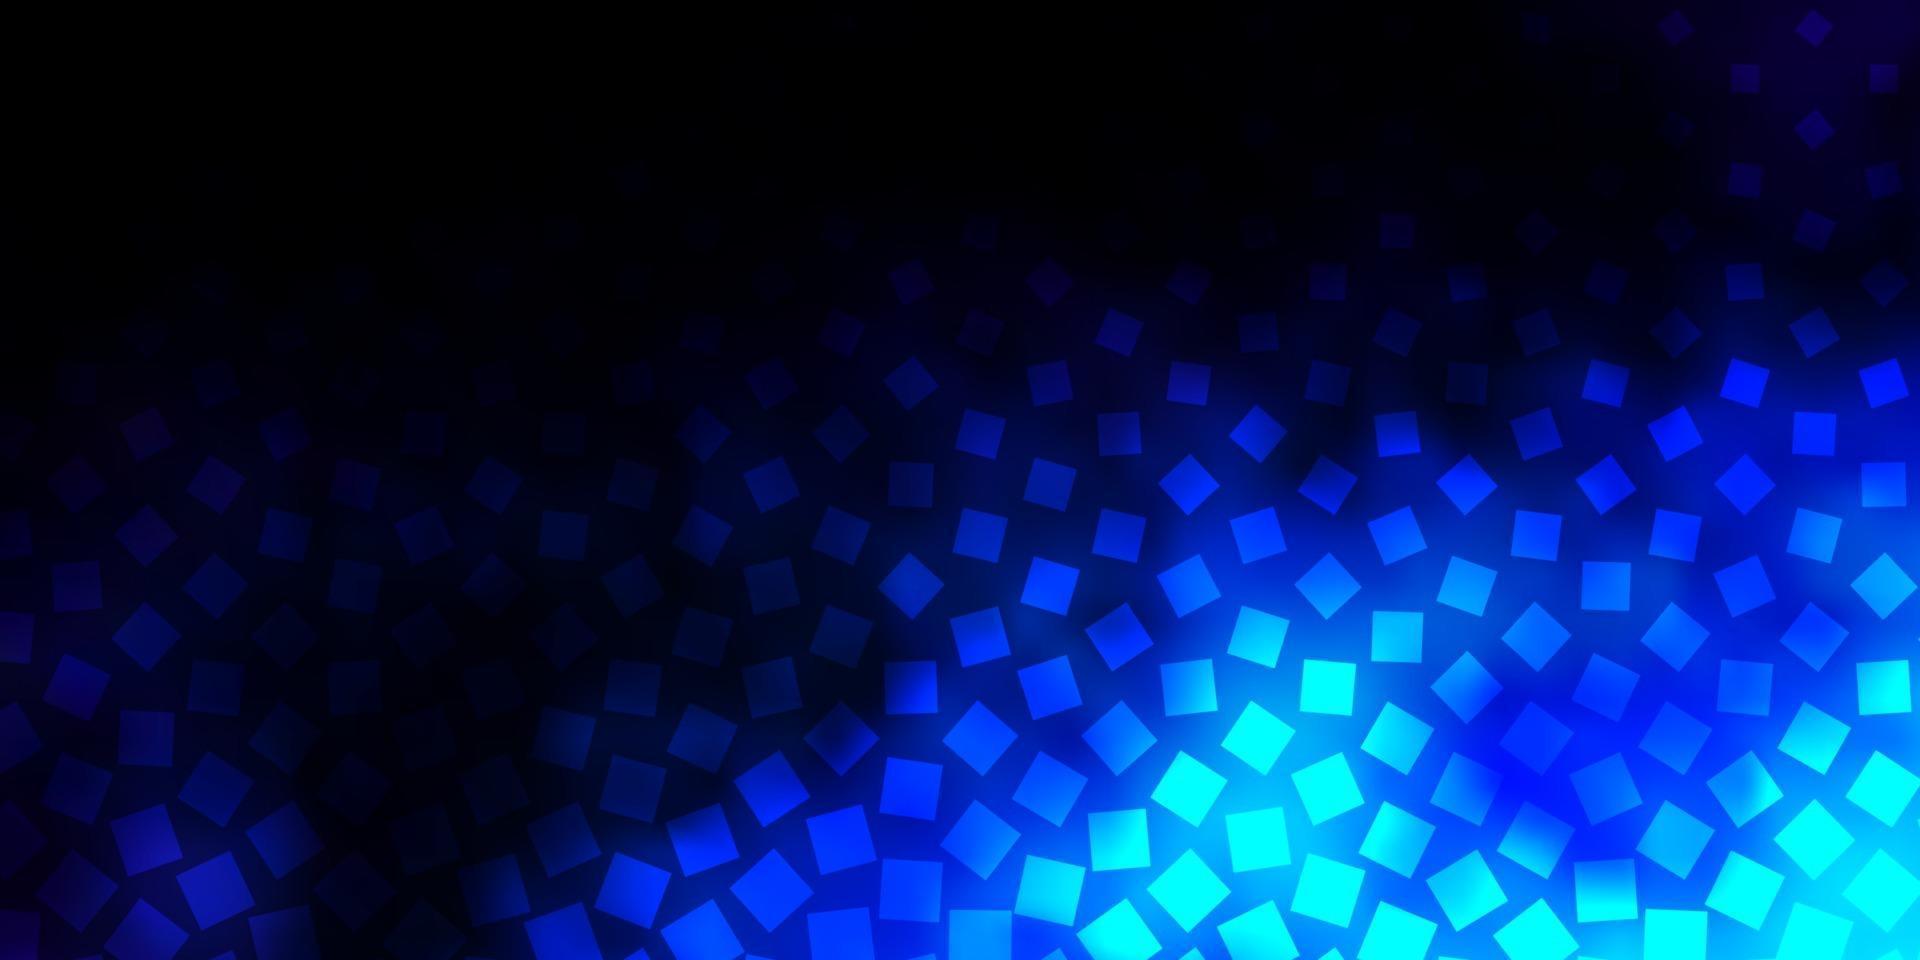 trama vettoriale blu scuro in stile rettangolare.